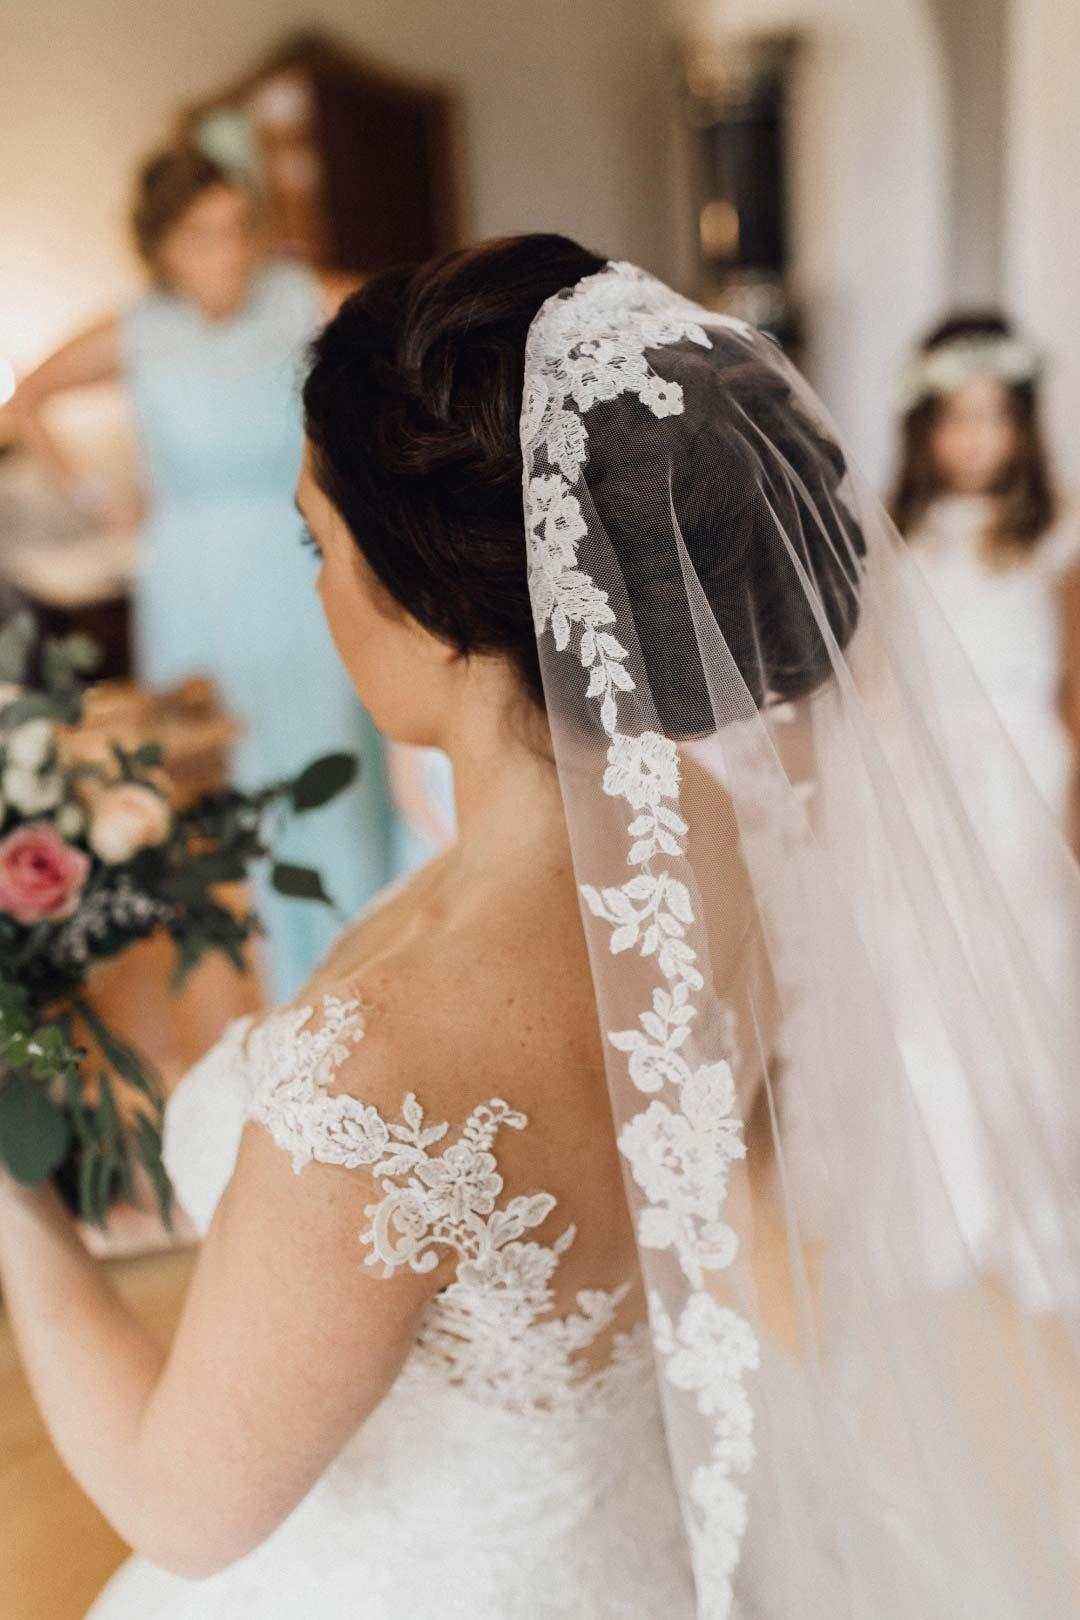 Die fertig gestylte Braut mit ihrem Schleier und Brautstrauß